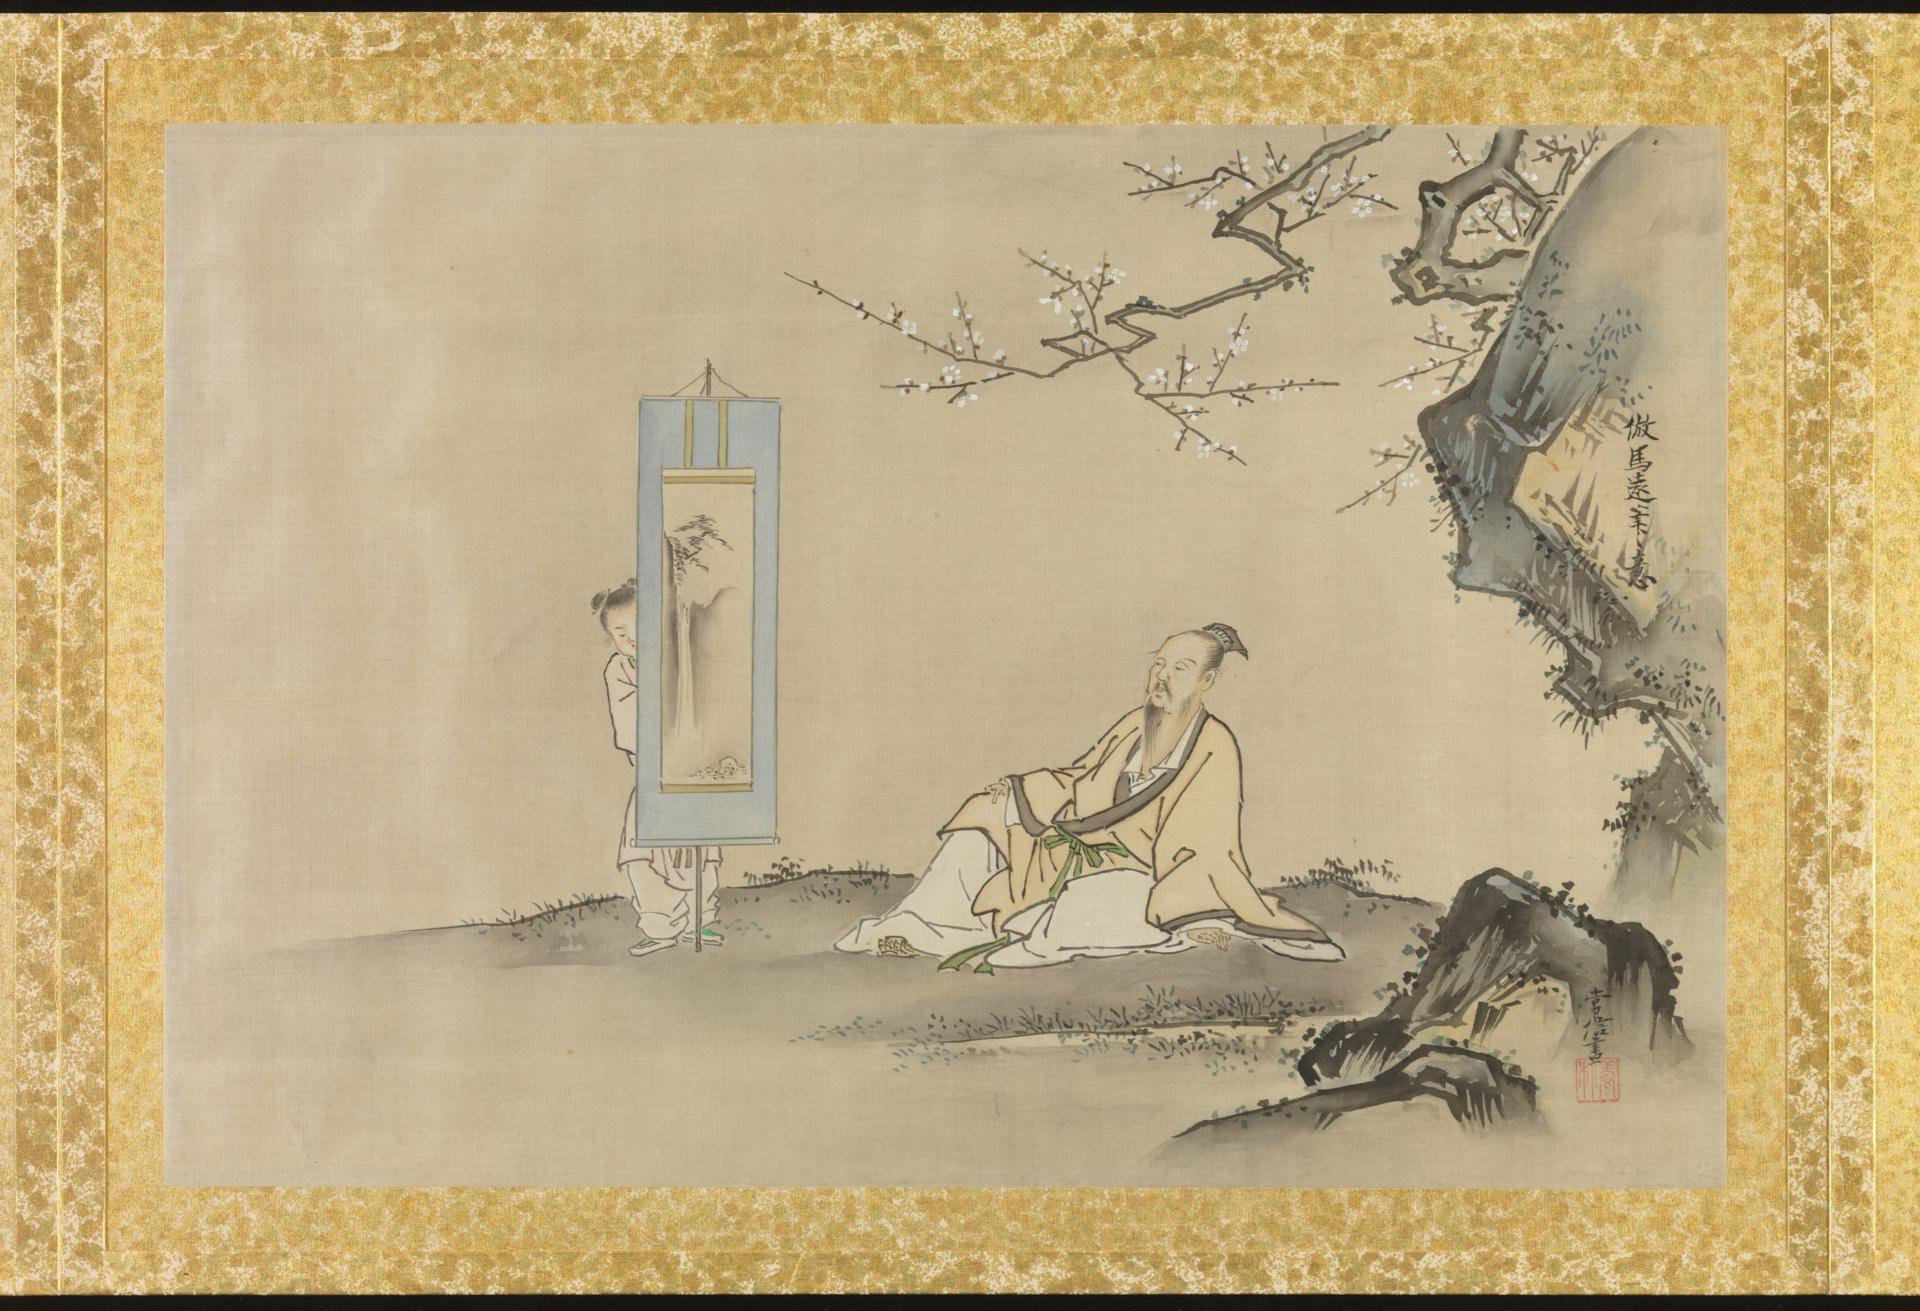 0010_日本画-常信画作-日本常信仿马远笔意46x67_8000x5462PX_TIF_300DPI_128_0